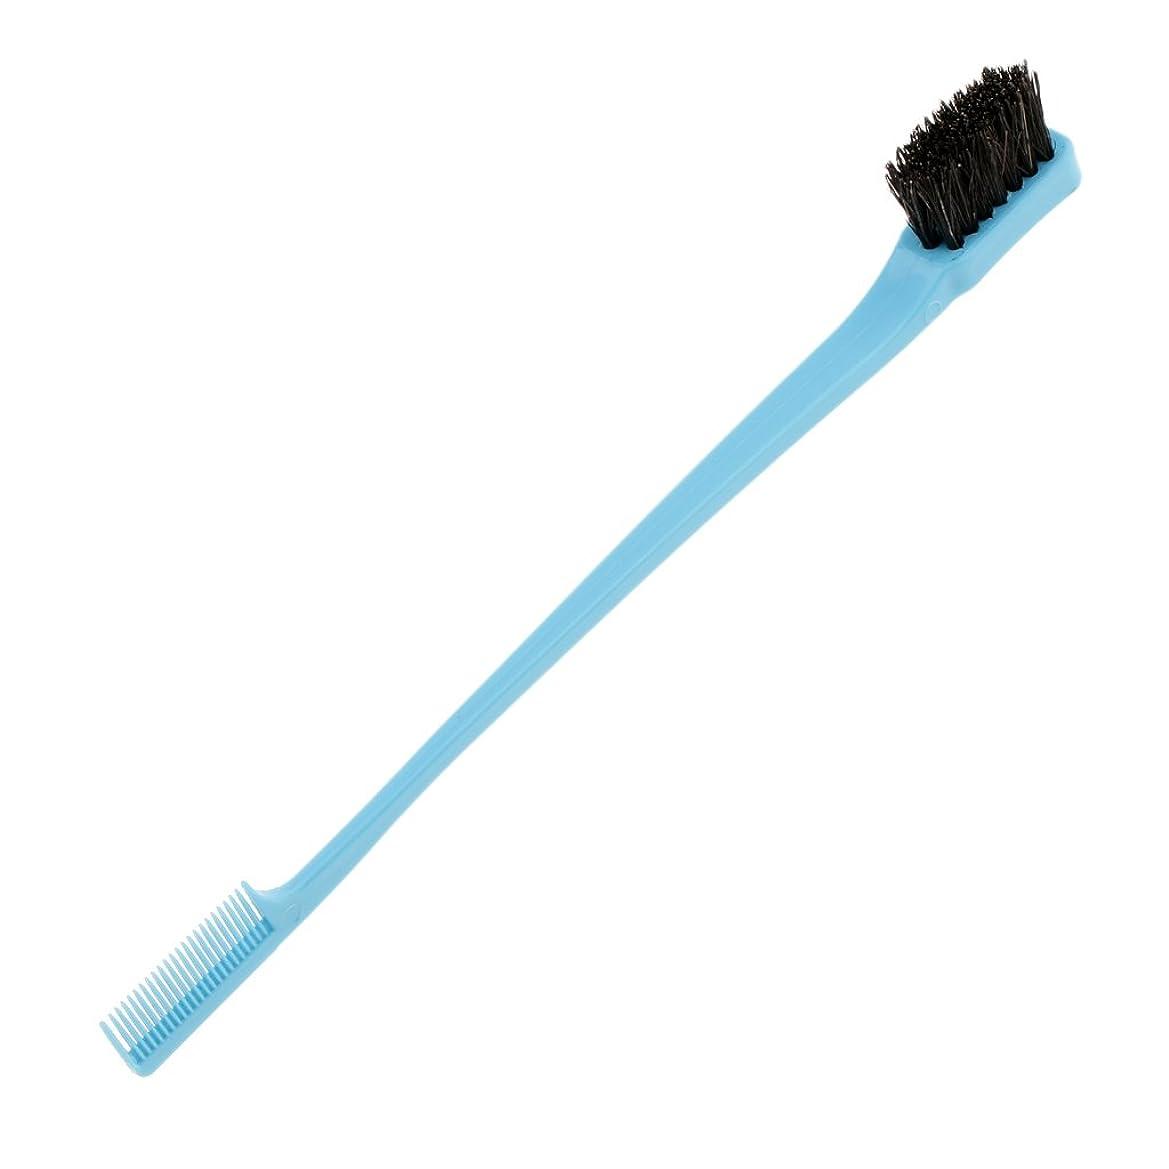 事実疑問に思う短くするBlesiya ヘアブラシ ヘアコーム 両端使え 櫛 プラスチック製 ひげ口髭 ラインひげ整え ヘアースタイリング エッジ削り 便利 7インチ 4色選べる - 青